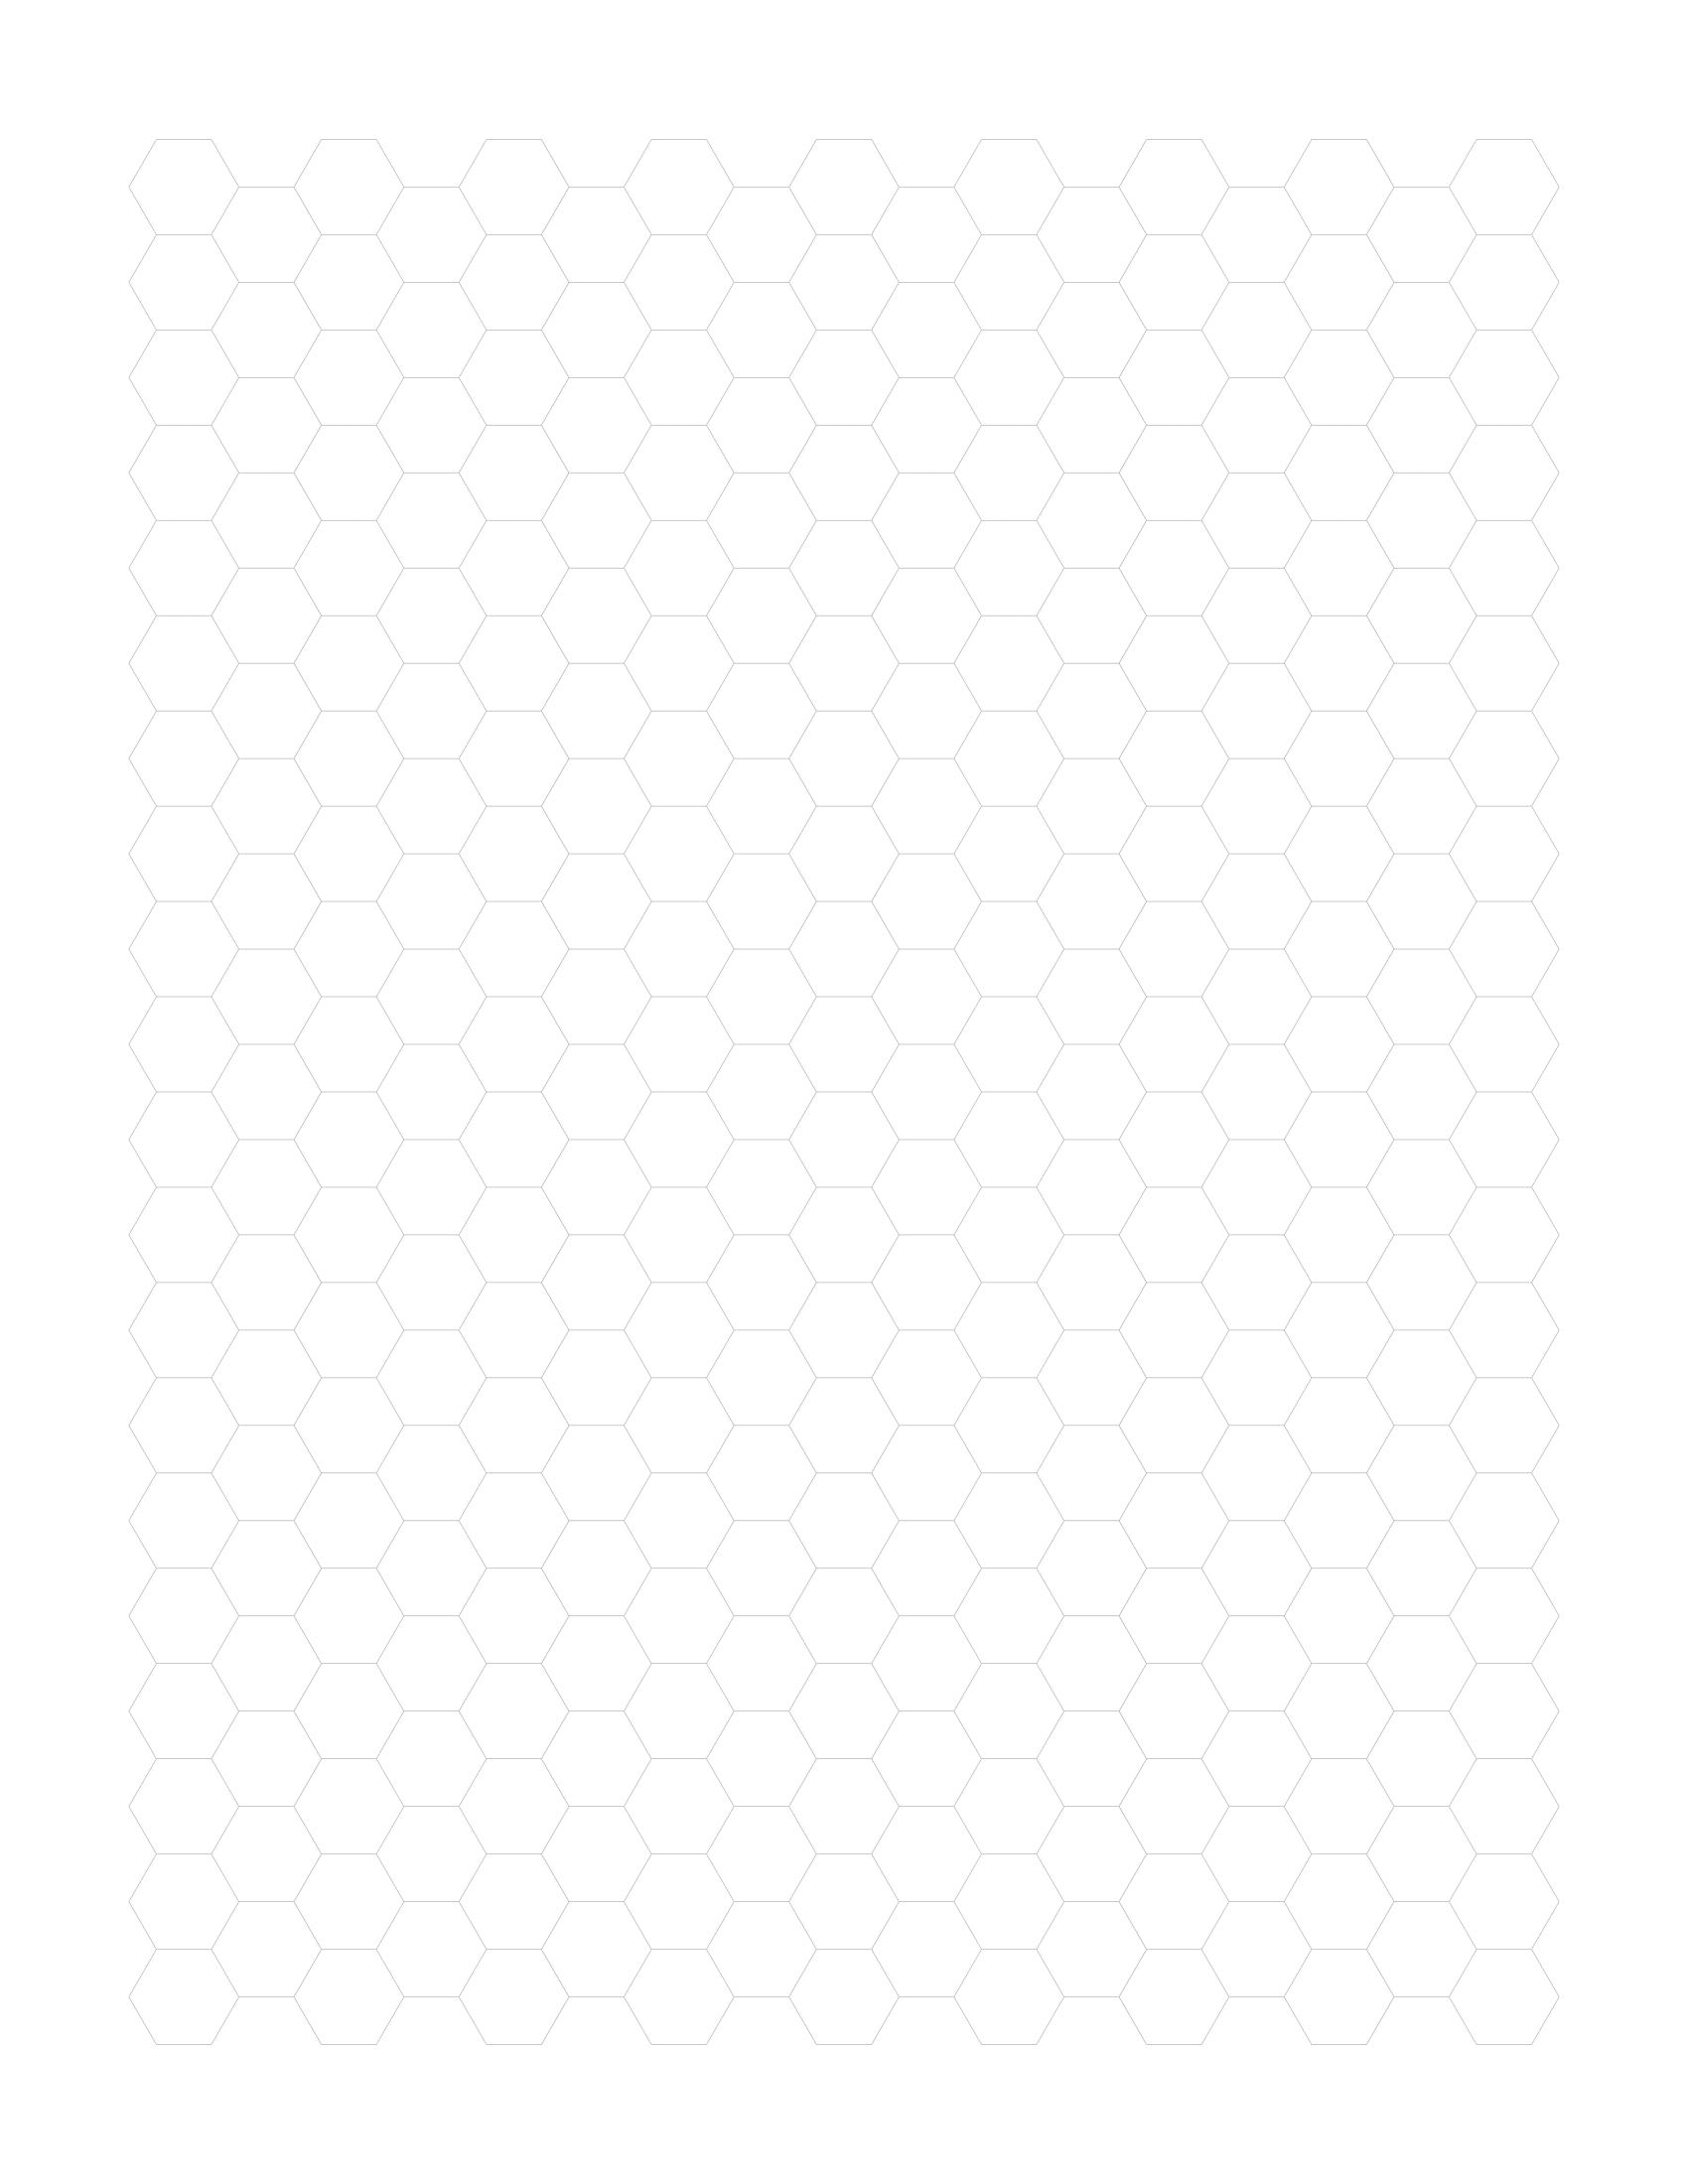 Free Online Graph Paper / Hexagonal